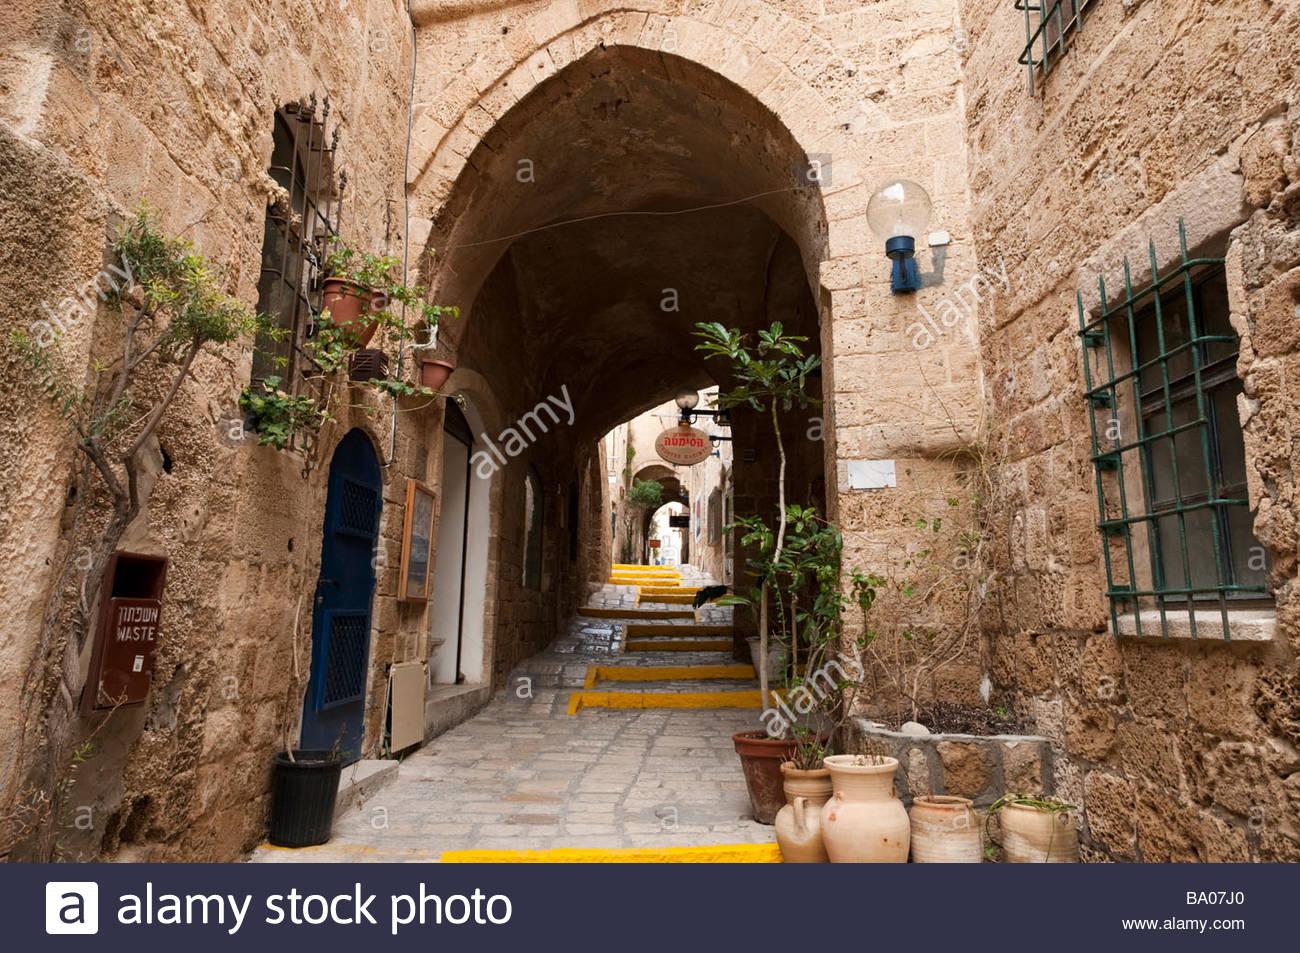 Una antigua calle de Jaffa, Tel Aviv, Israel Imagen De Stock